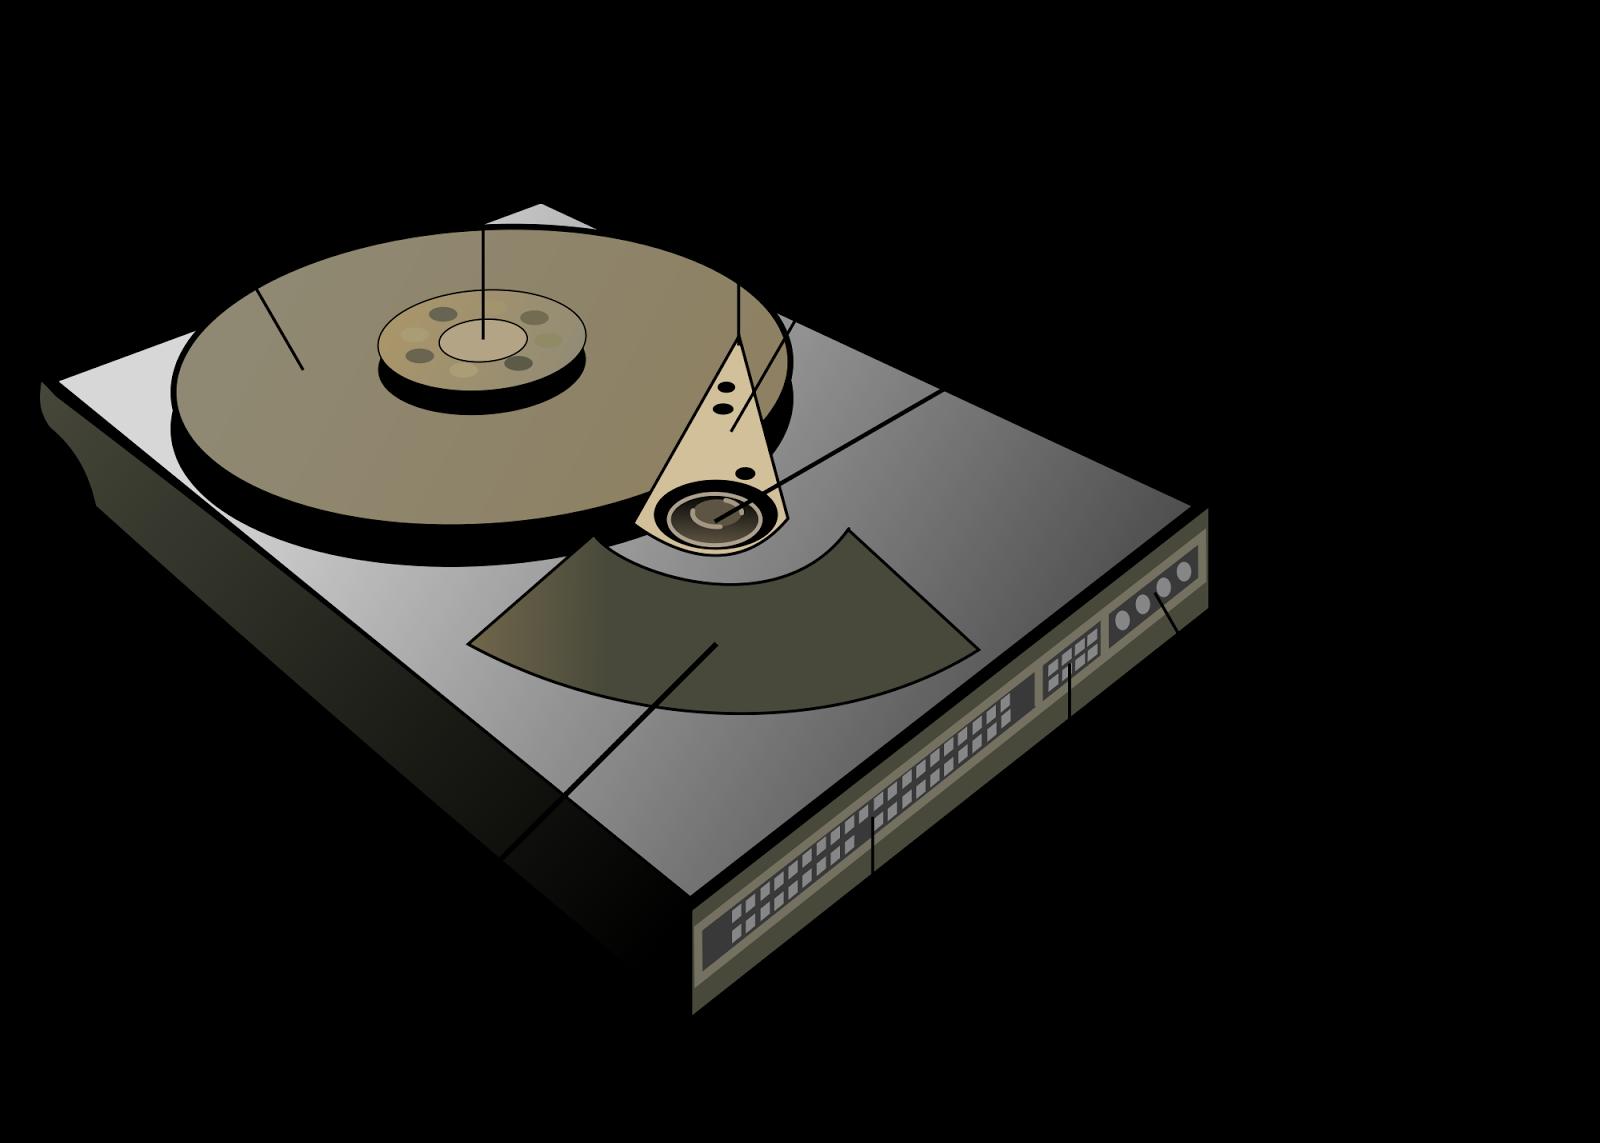 Что будет если провести магнитом по жесткому диску